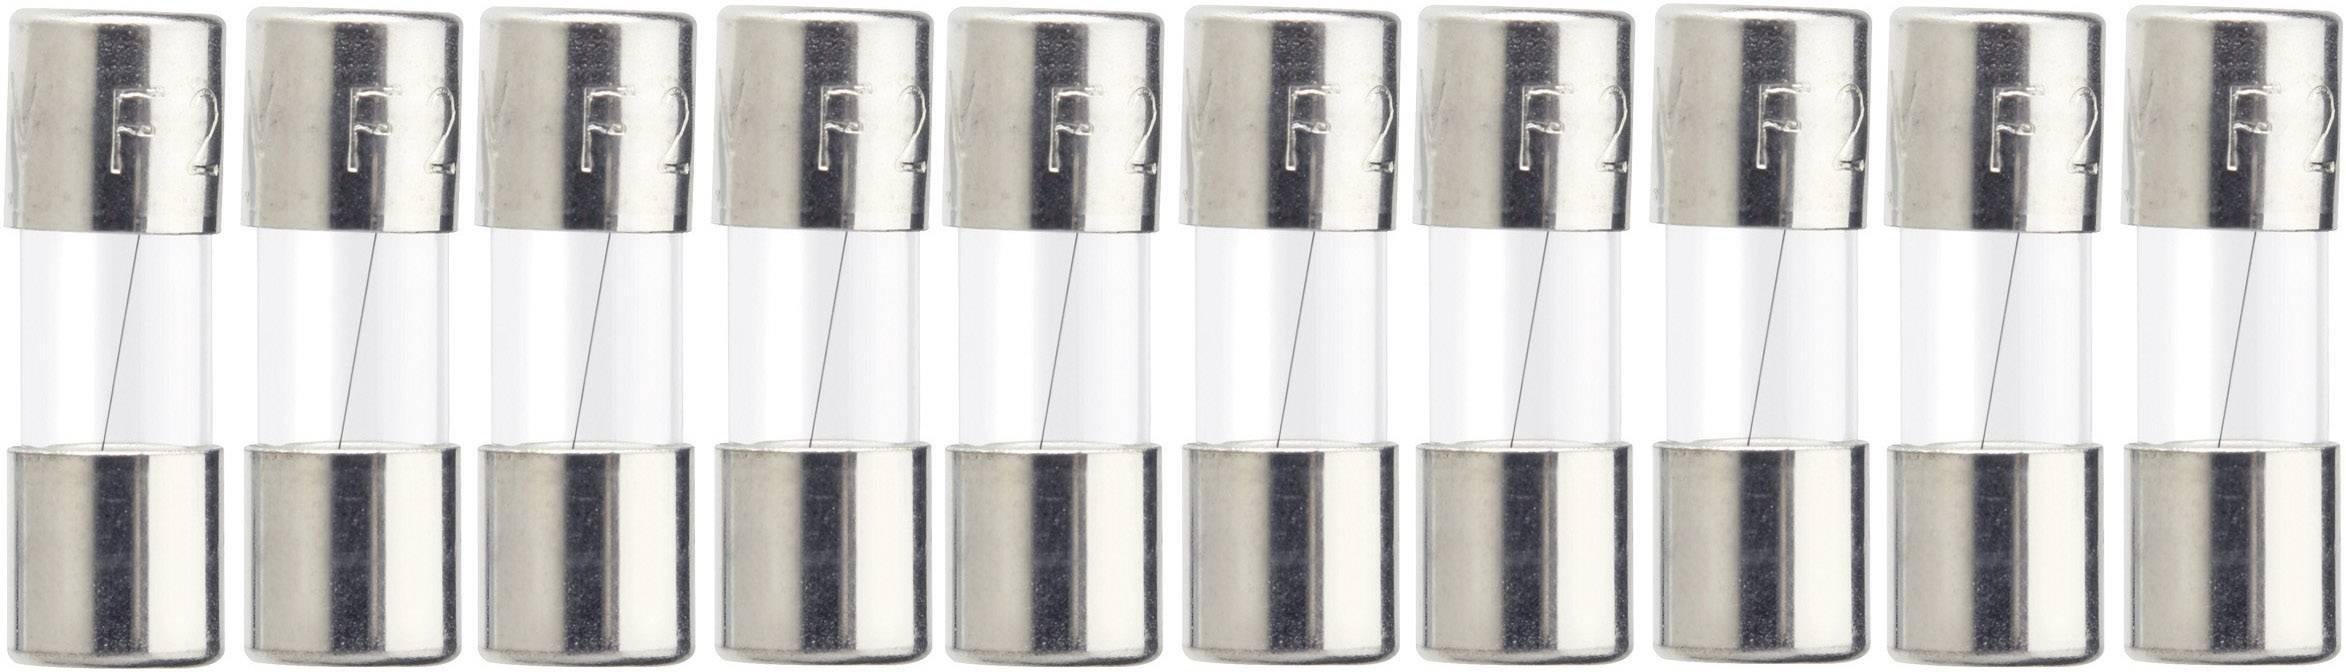 Jemná poistka ESKA 515653, 0.6 A, 250 V, (Ø x d) 5 mm x 15 mm, rýchly -F-, 10 ks